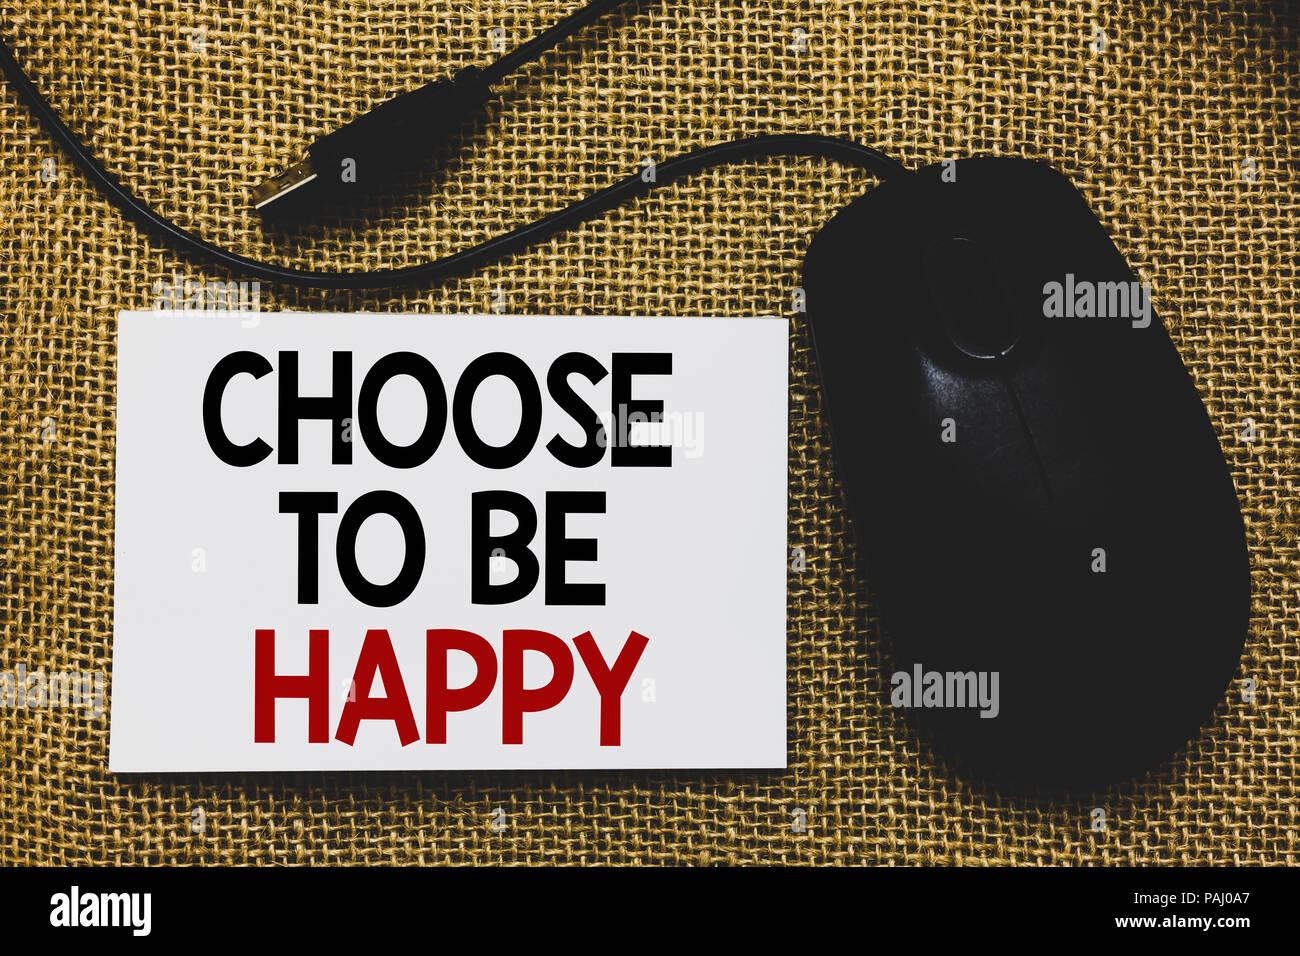 Écrit remarque montrant choisir d'être heureux. Photo d'objets américains décident d'être de bonne humeur smiley joyeux heureux aux côtés de la souris traditionnelle Photo Stock